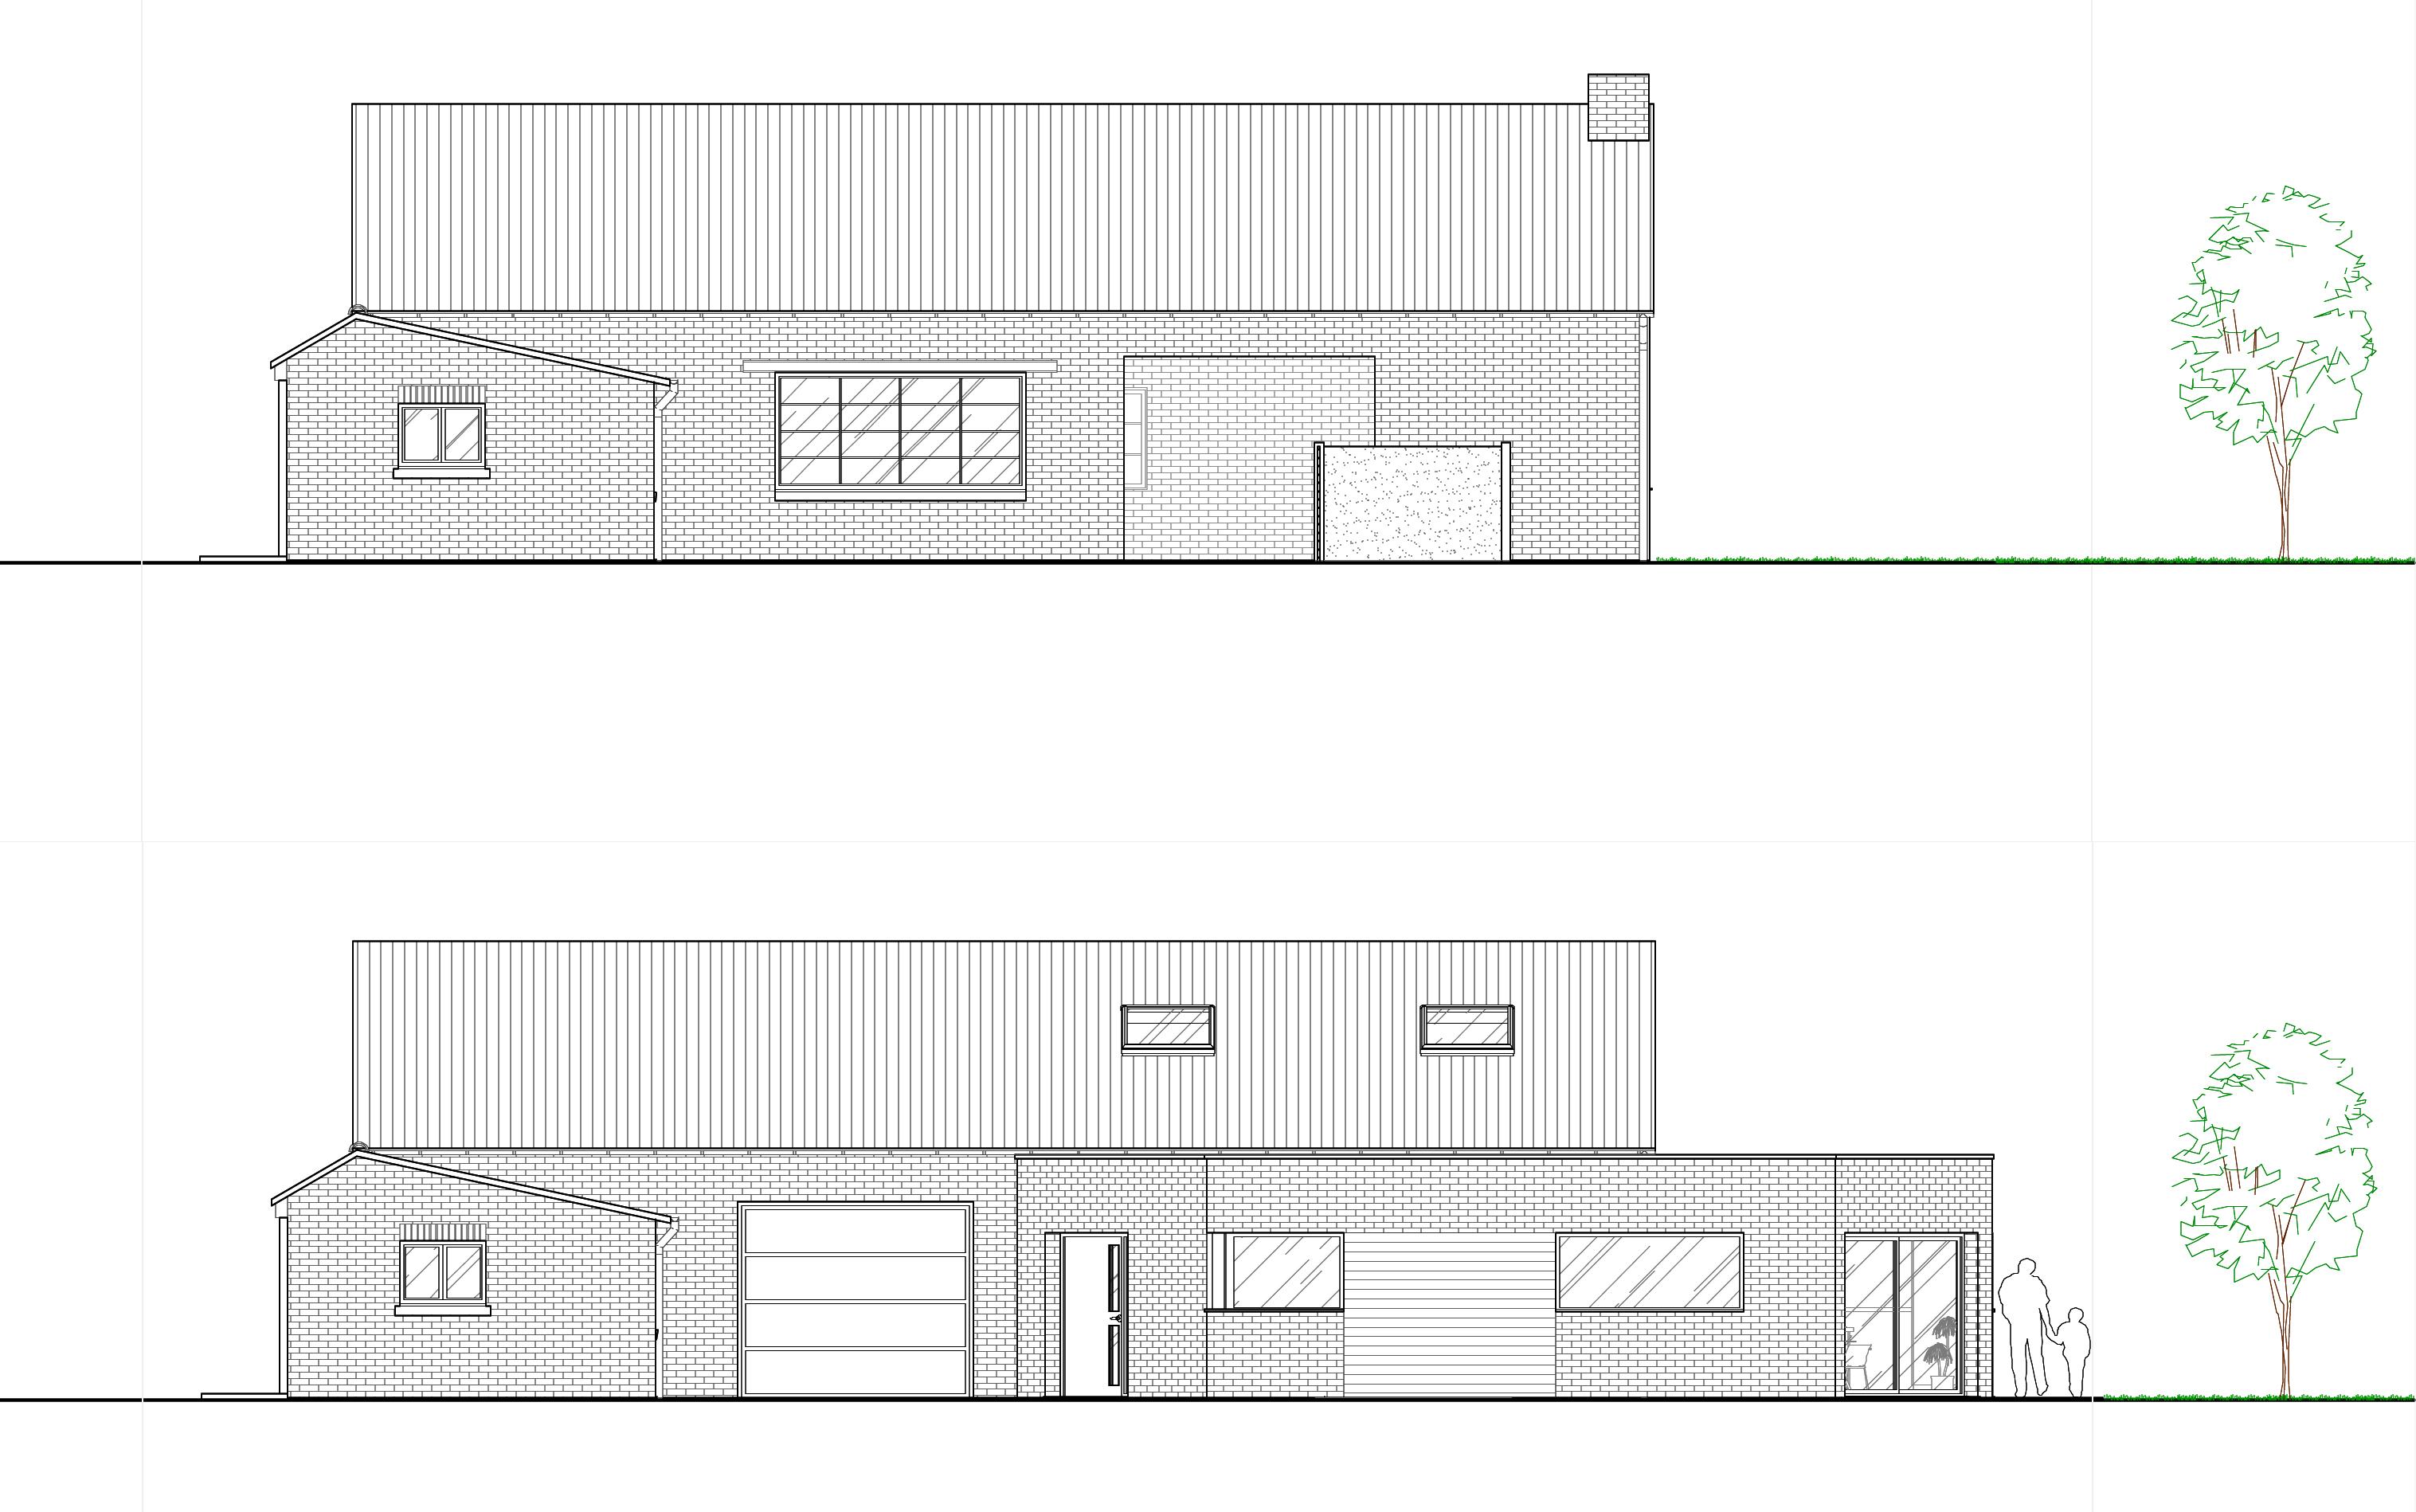 15.11 Atelier Permis de construire extension nord Comines17.1